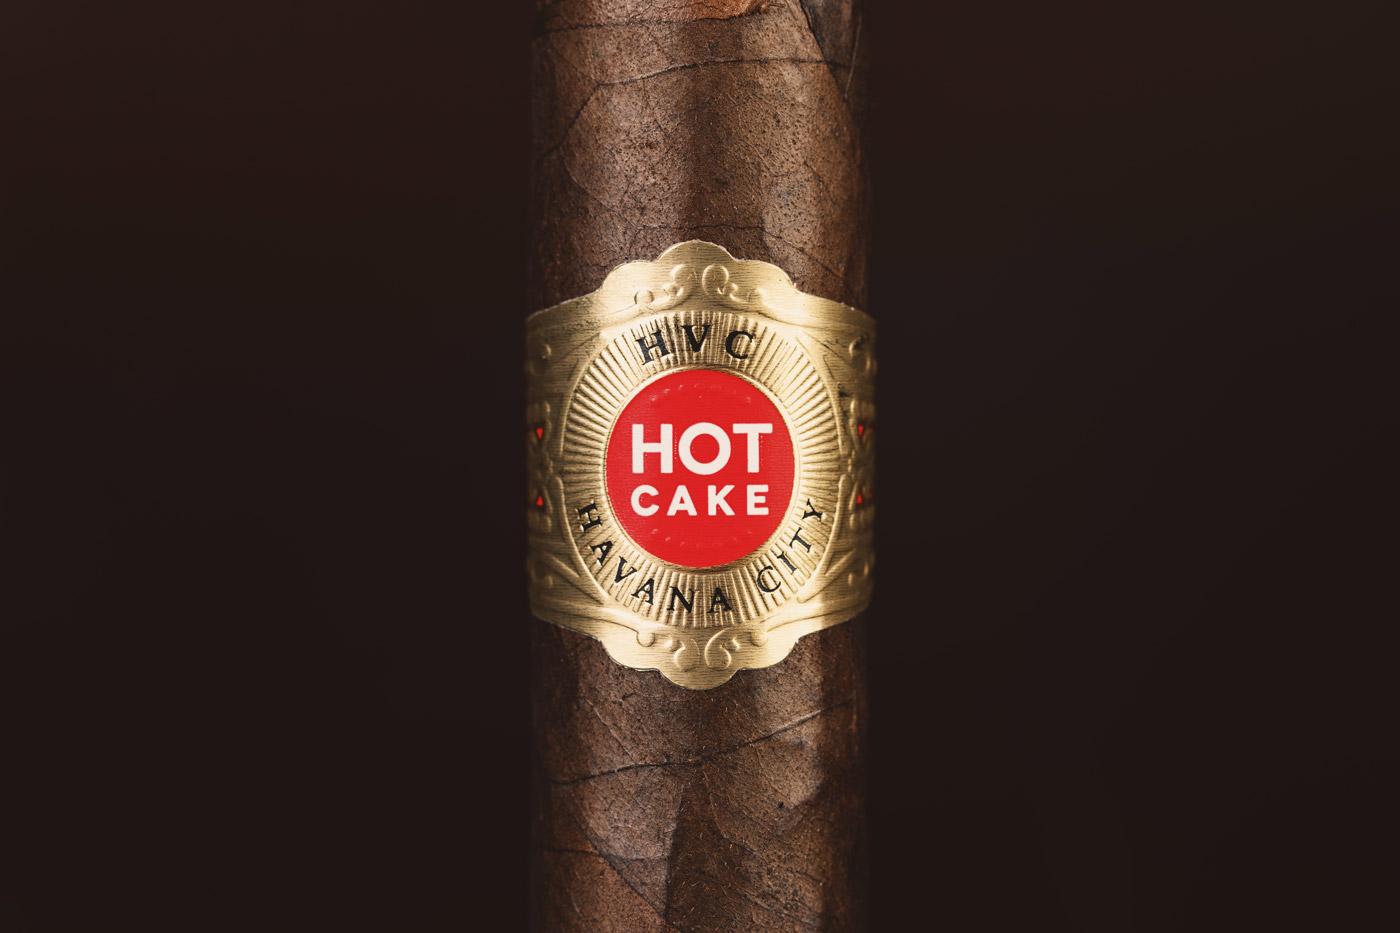 HVC Hot Cake Laguito No. 4 cigar review